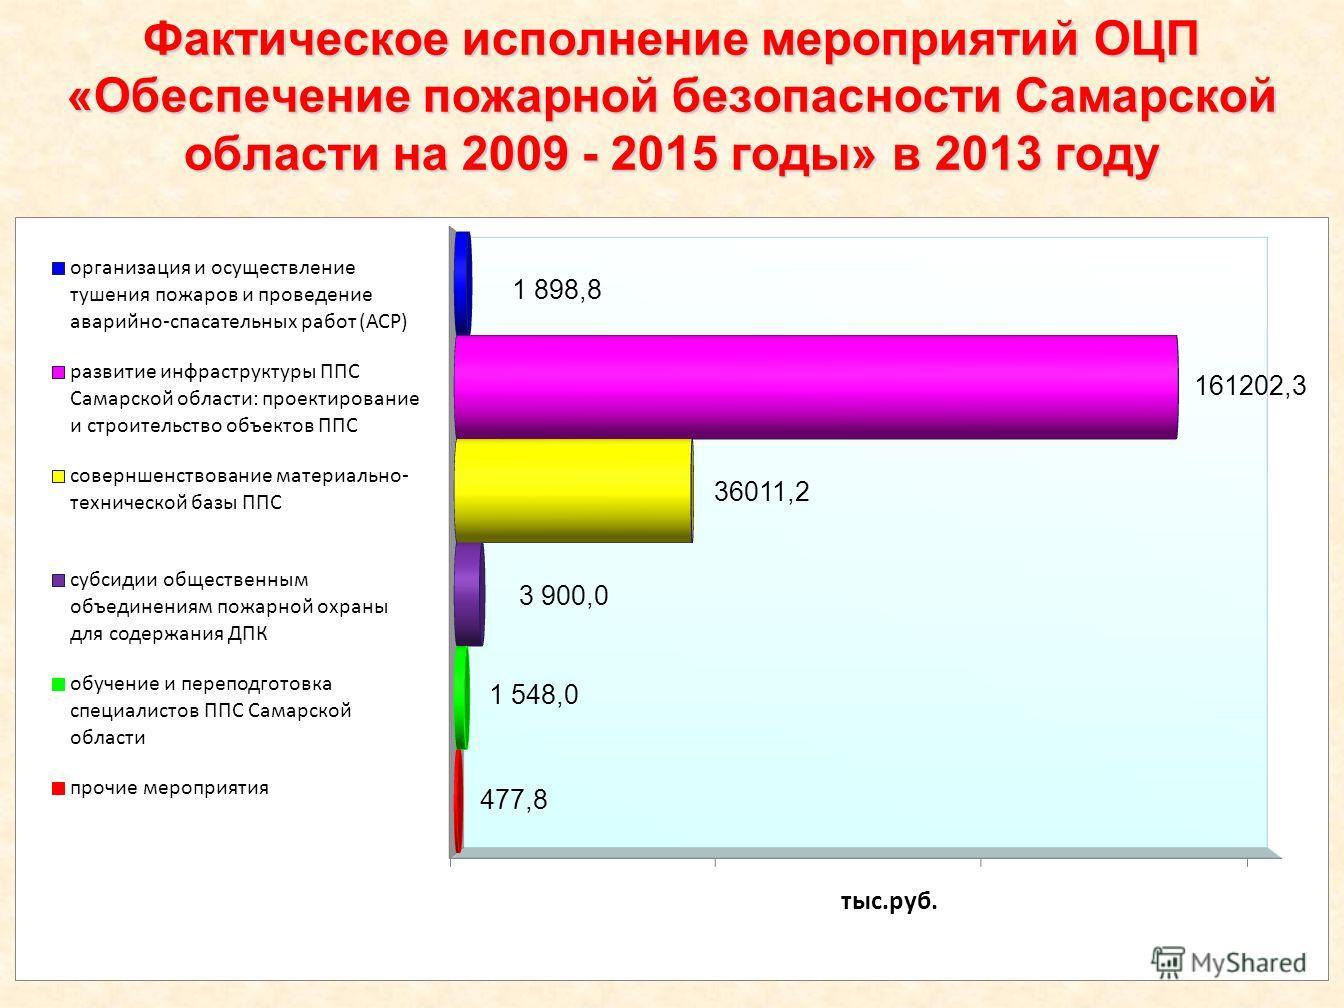 Фактическое исполнение мероприятий ОЦП «Обеспечение пожарной безопасности Самарской области на 2009 - 2015 годы» в 2013 году